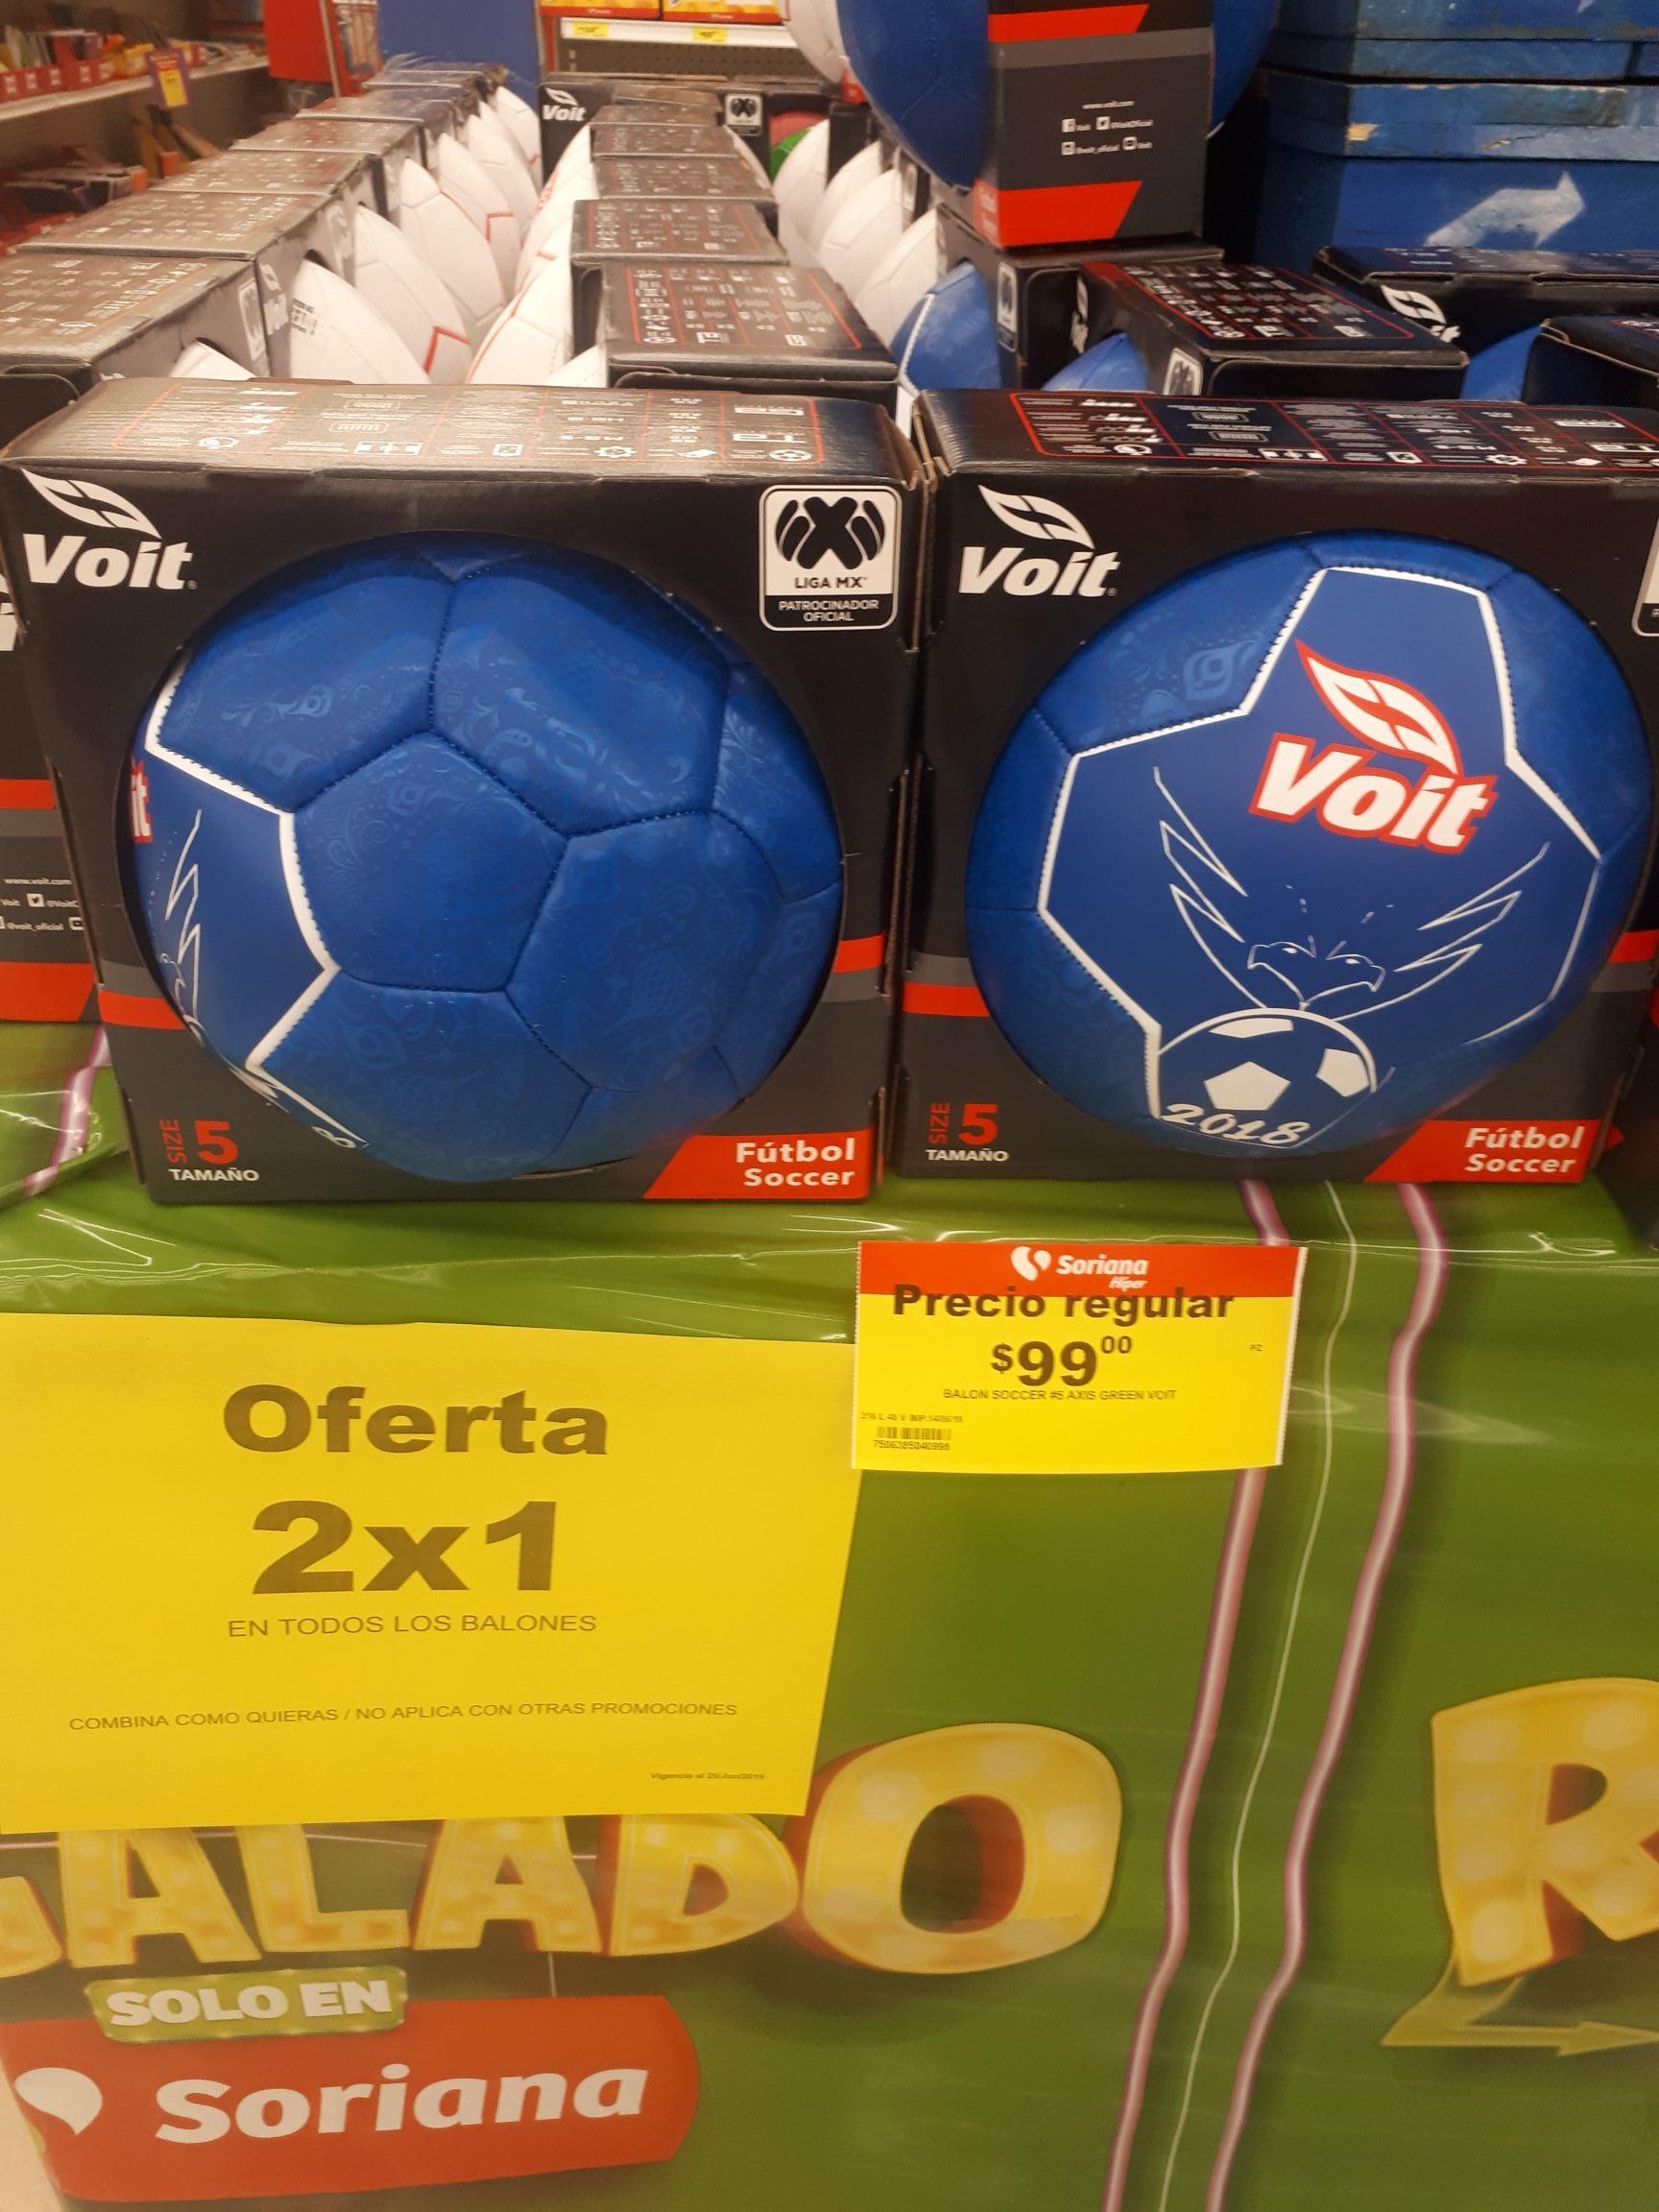 Soriana: 2x1 En balones Voit